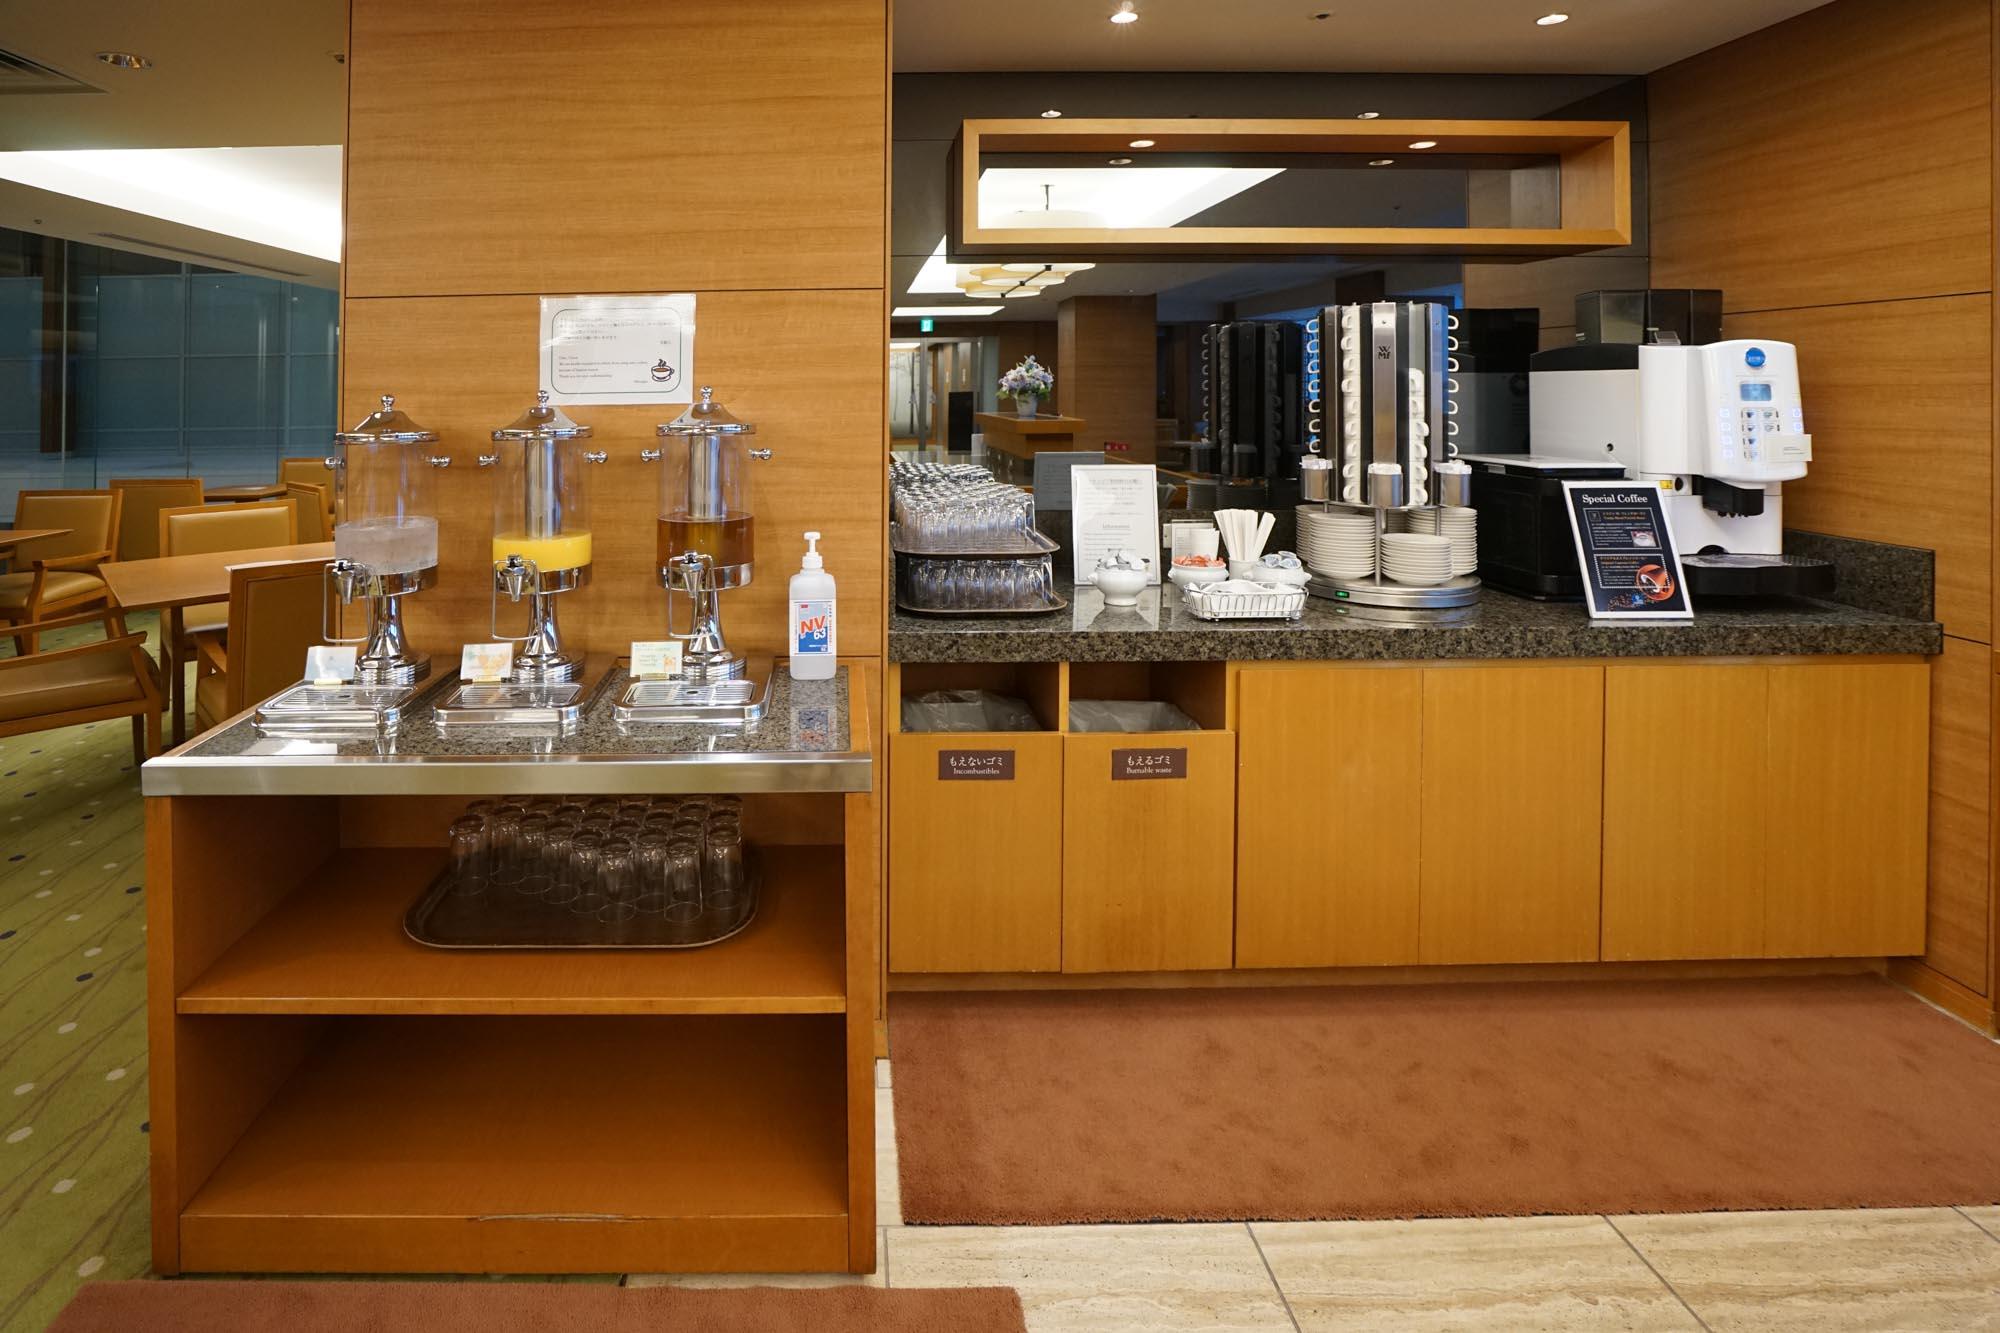 さらに、ジュースやコーヒーなどがセルフで飲み放題なんです。カフェ代が浮くことを考えたらとてもお得ですね。